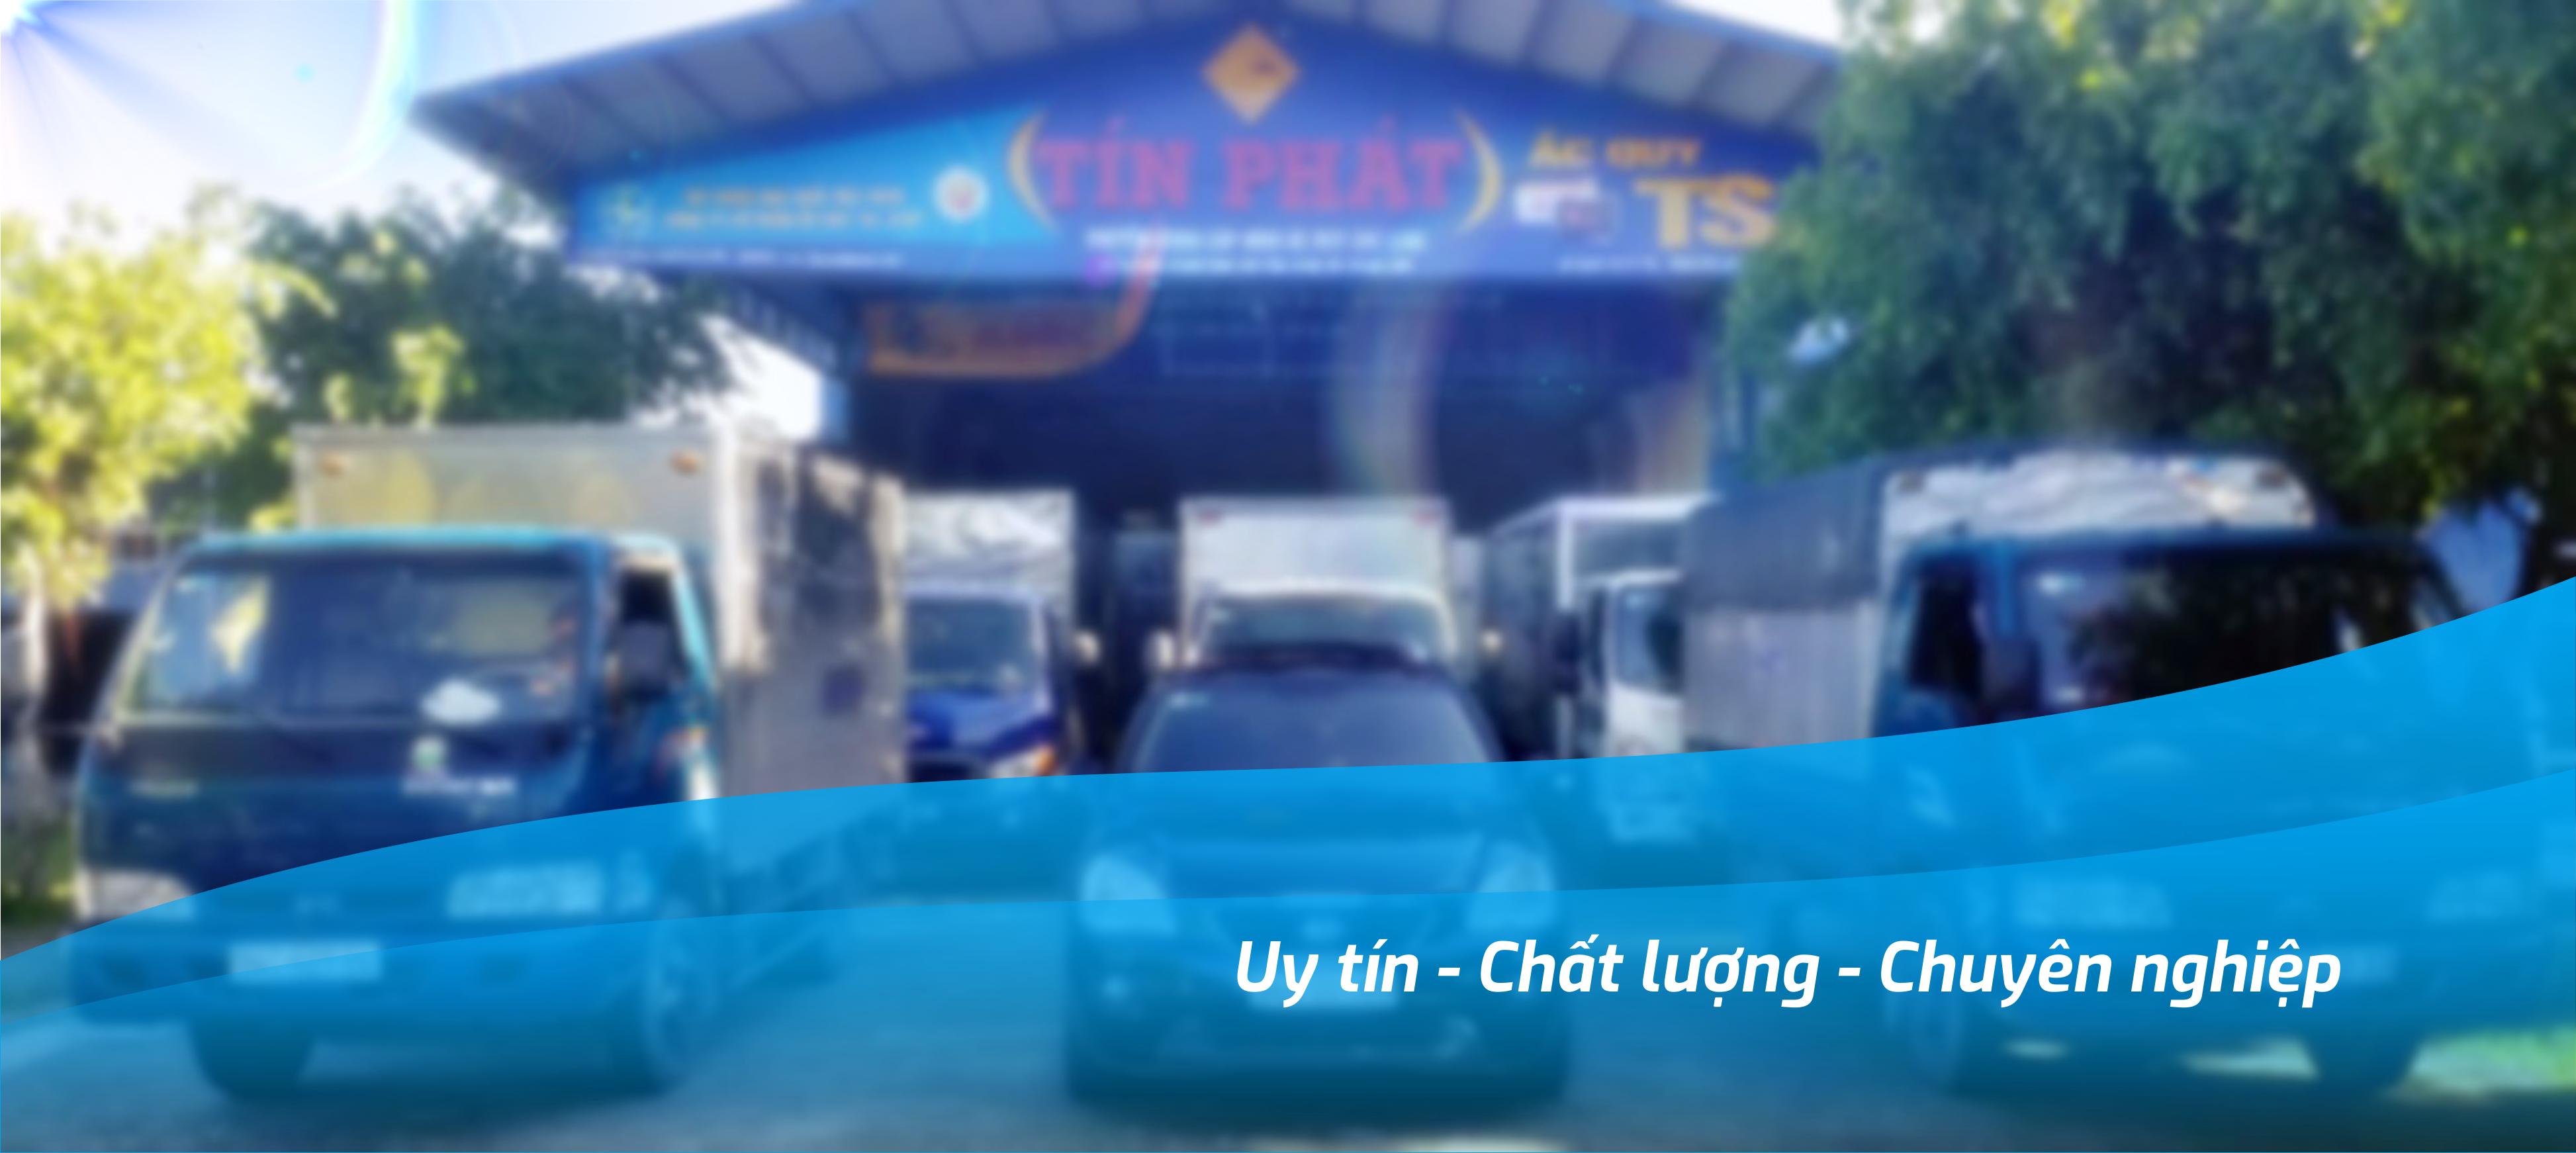 Trung tâm phân phối dầu nhớt Castrol chính hãng Tín Phát